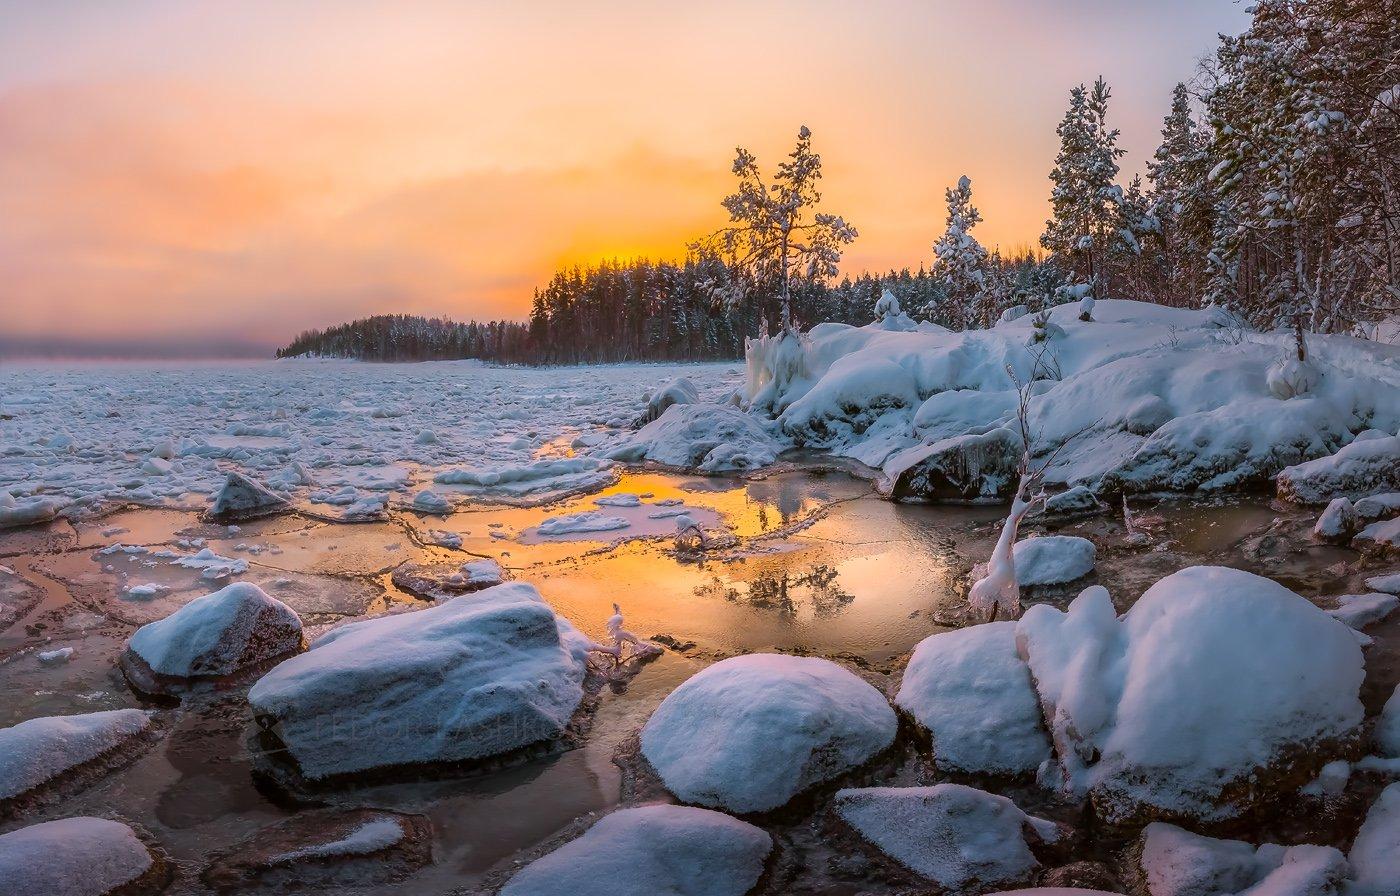 ладожское озеро, карелия, зима, сосна, в снегу, заснеженное, рассвет, облака, снег, зимнее, камни, лёд, льдины, отражение,, Лашков Фёдор